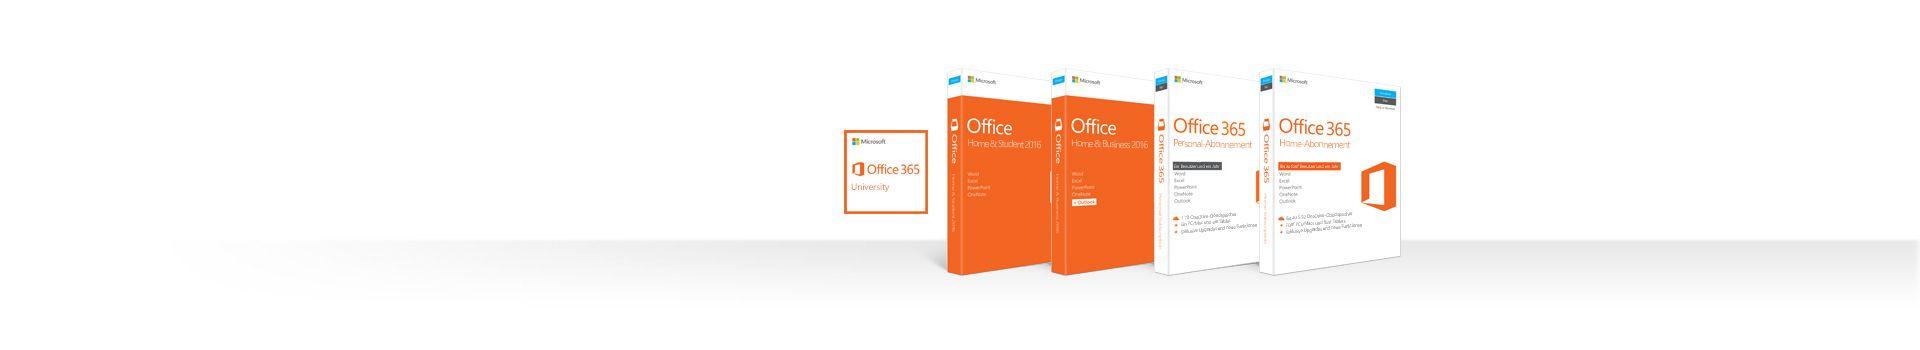 Aufgereihte Kartons mit Office 2016- und Office 365-Produkten für den Mac